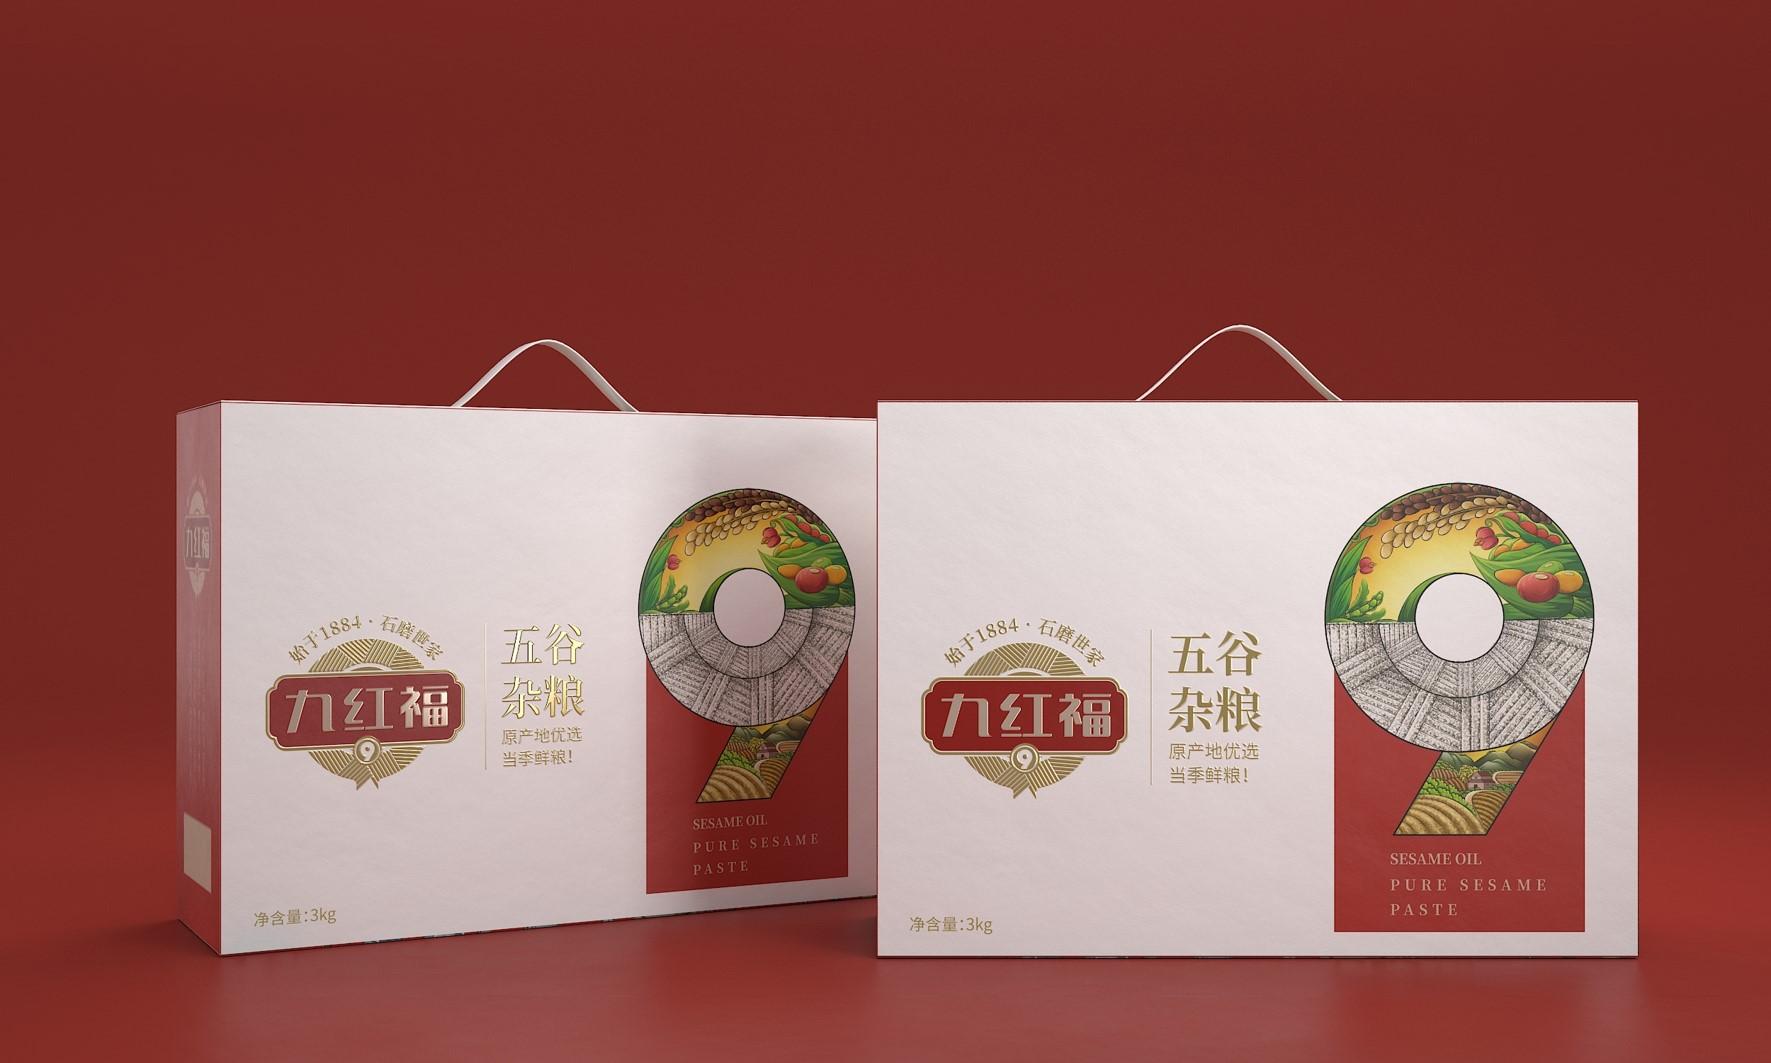 九红福五谷杂粮 健康之道,源自杂粮